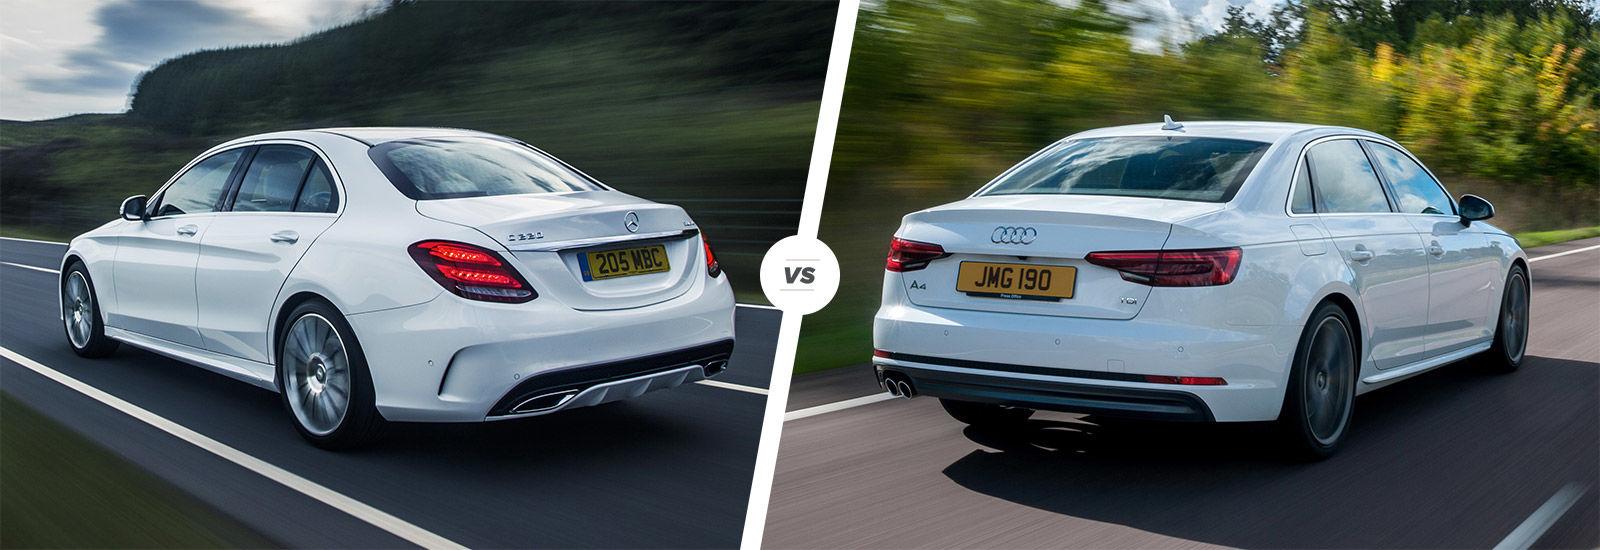 Mercedes C-Cl vs Audi A4 comparison | carwow